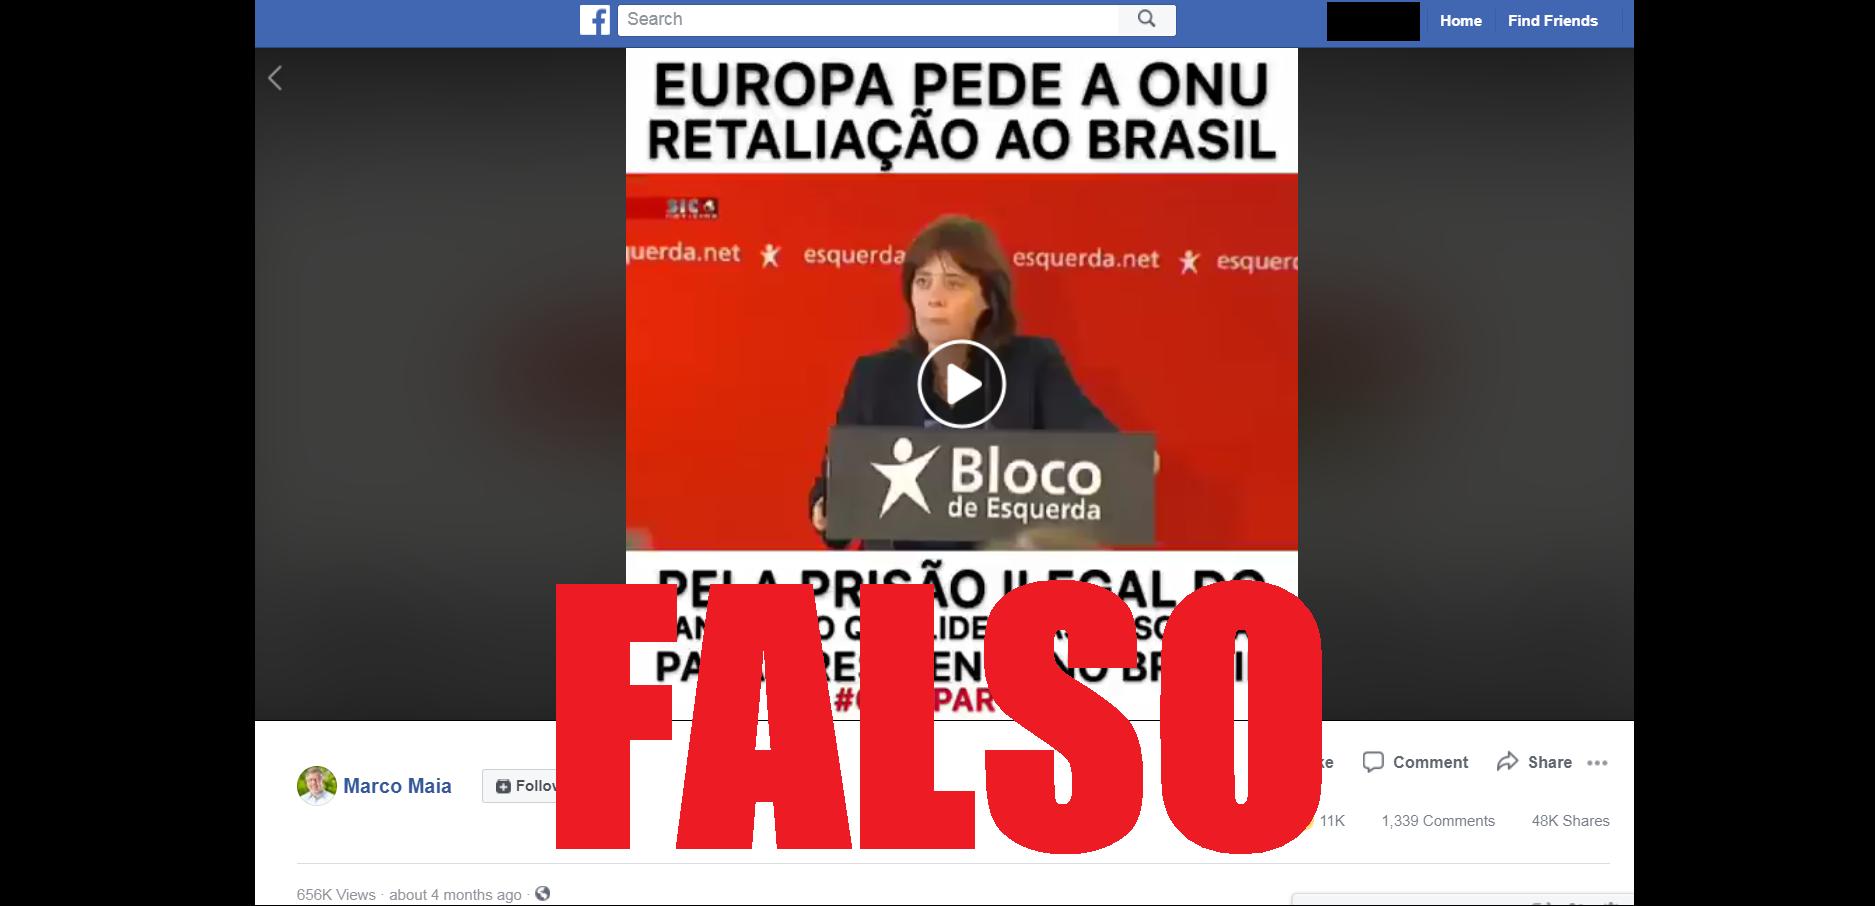 Captura de tela de uma publicação no Facebook disseminando o video fora de contexto, 16 de agosto de 2018